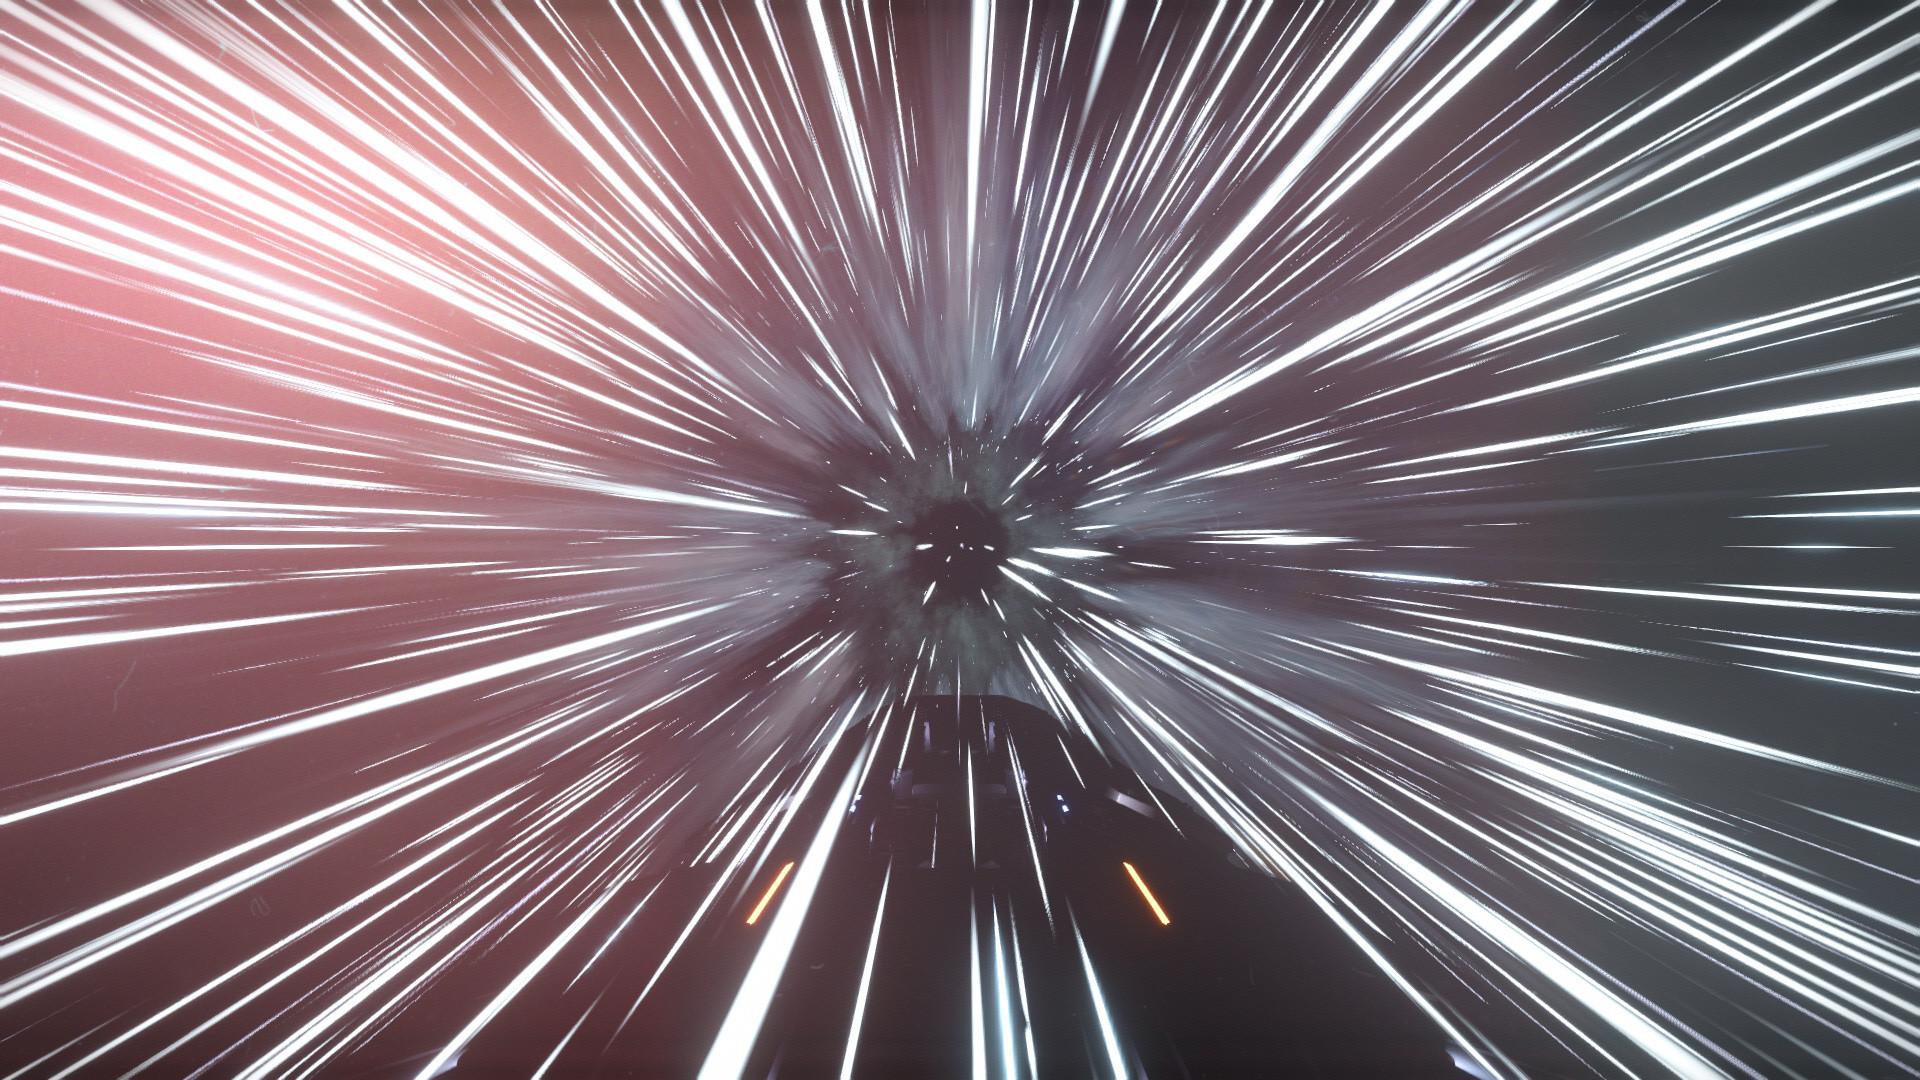 Afbeeldingsresultaat voor hyperspace